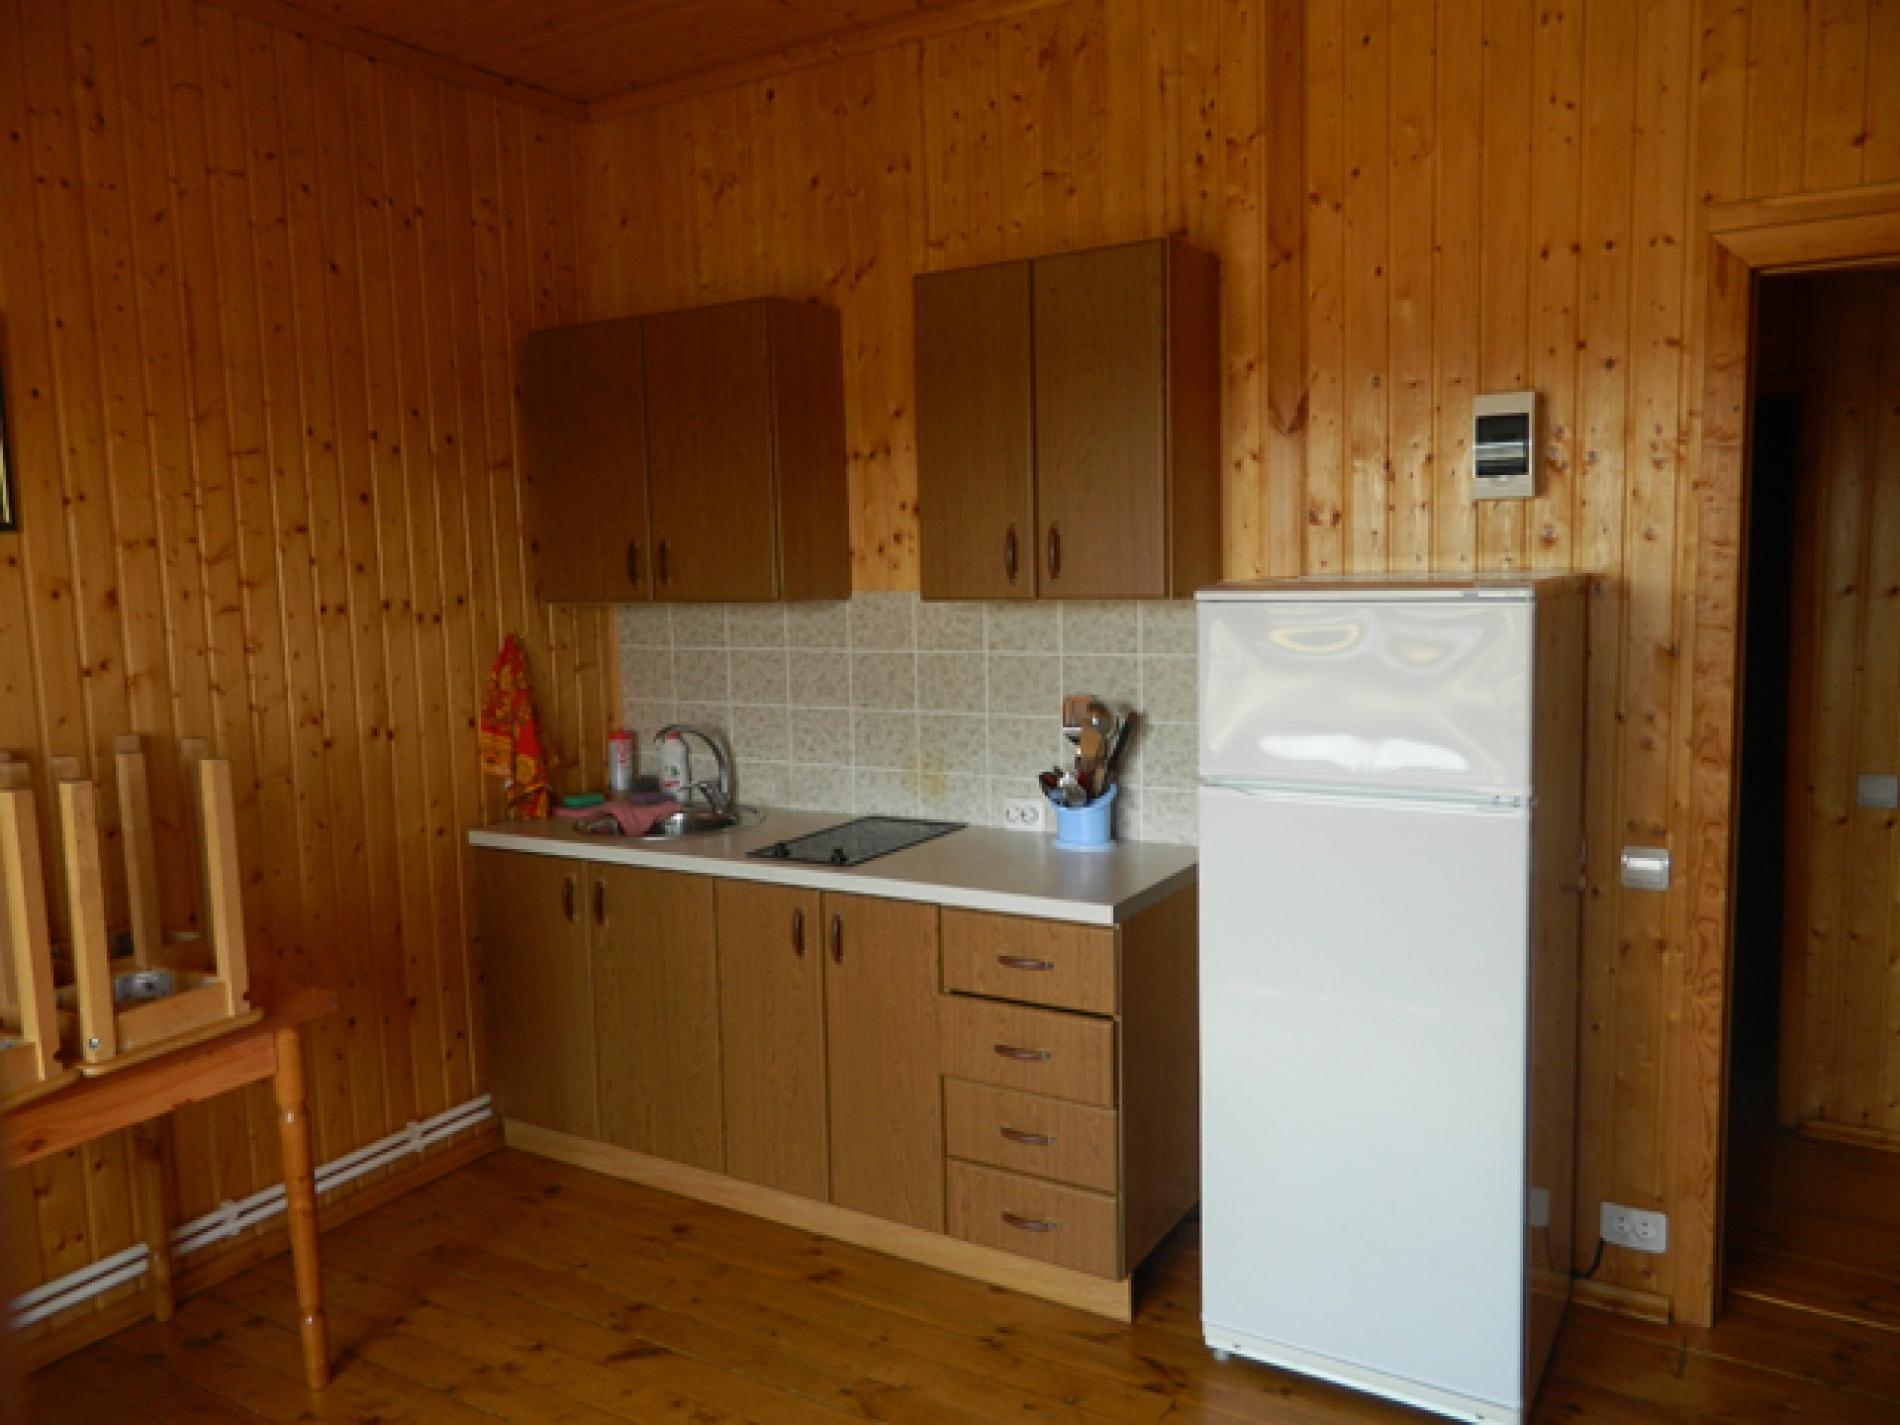 База отдыха «Полушкино» Рязанская область 5-местный номер в коттеджном комплексе «Приозерный» (1 спальня), фото 5